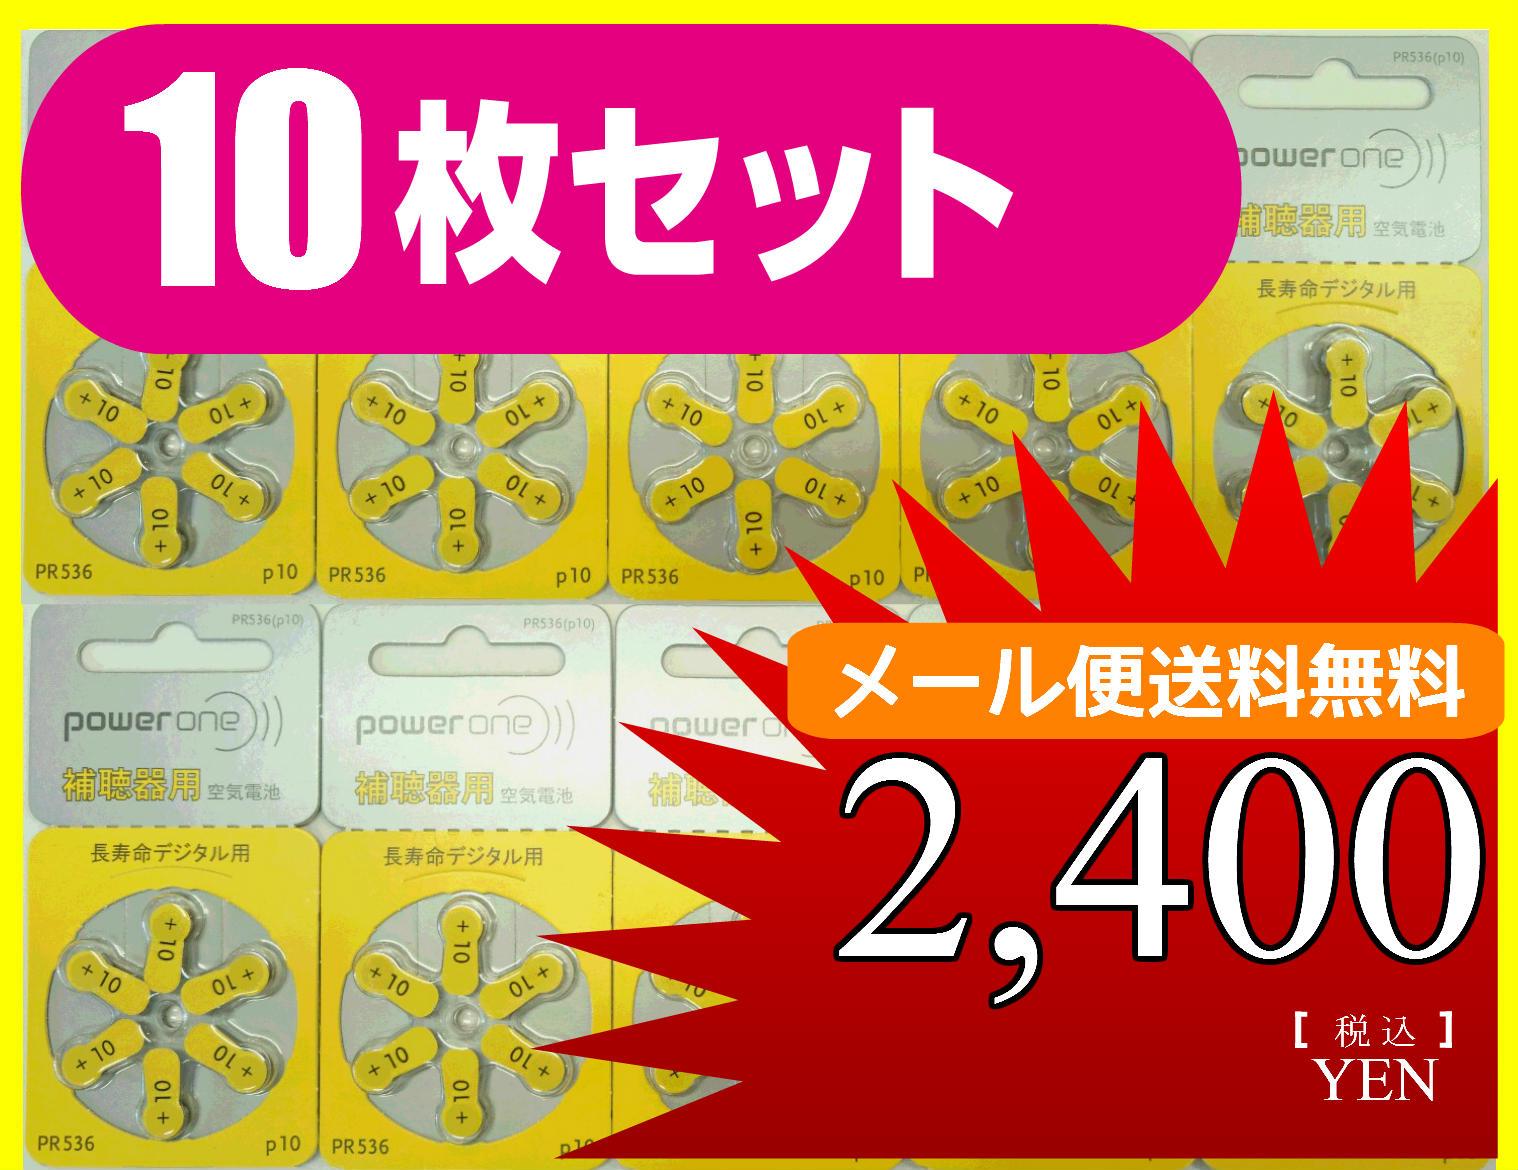 【午前注文即日出荷!】【メール便送料無料!】補聴器電池(補聴器用空気電池) パワーワンp10(PR536)10枚セット 黄色